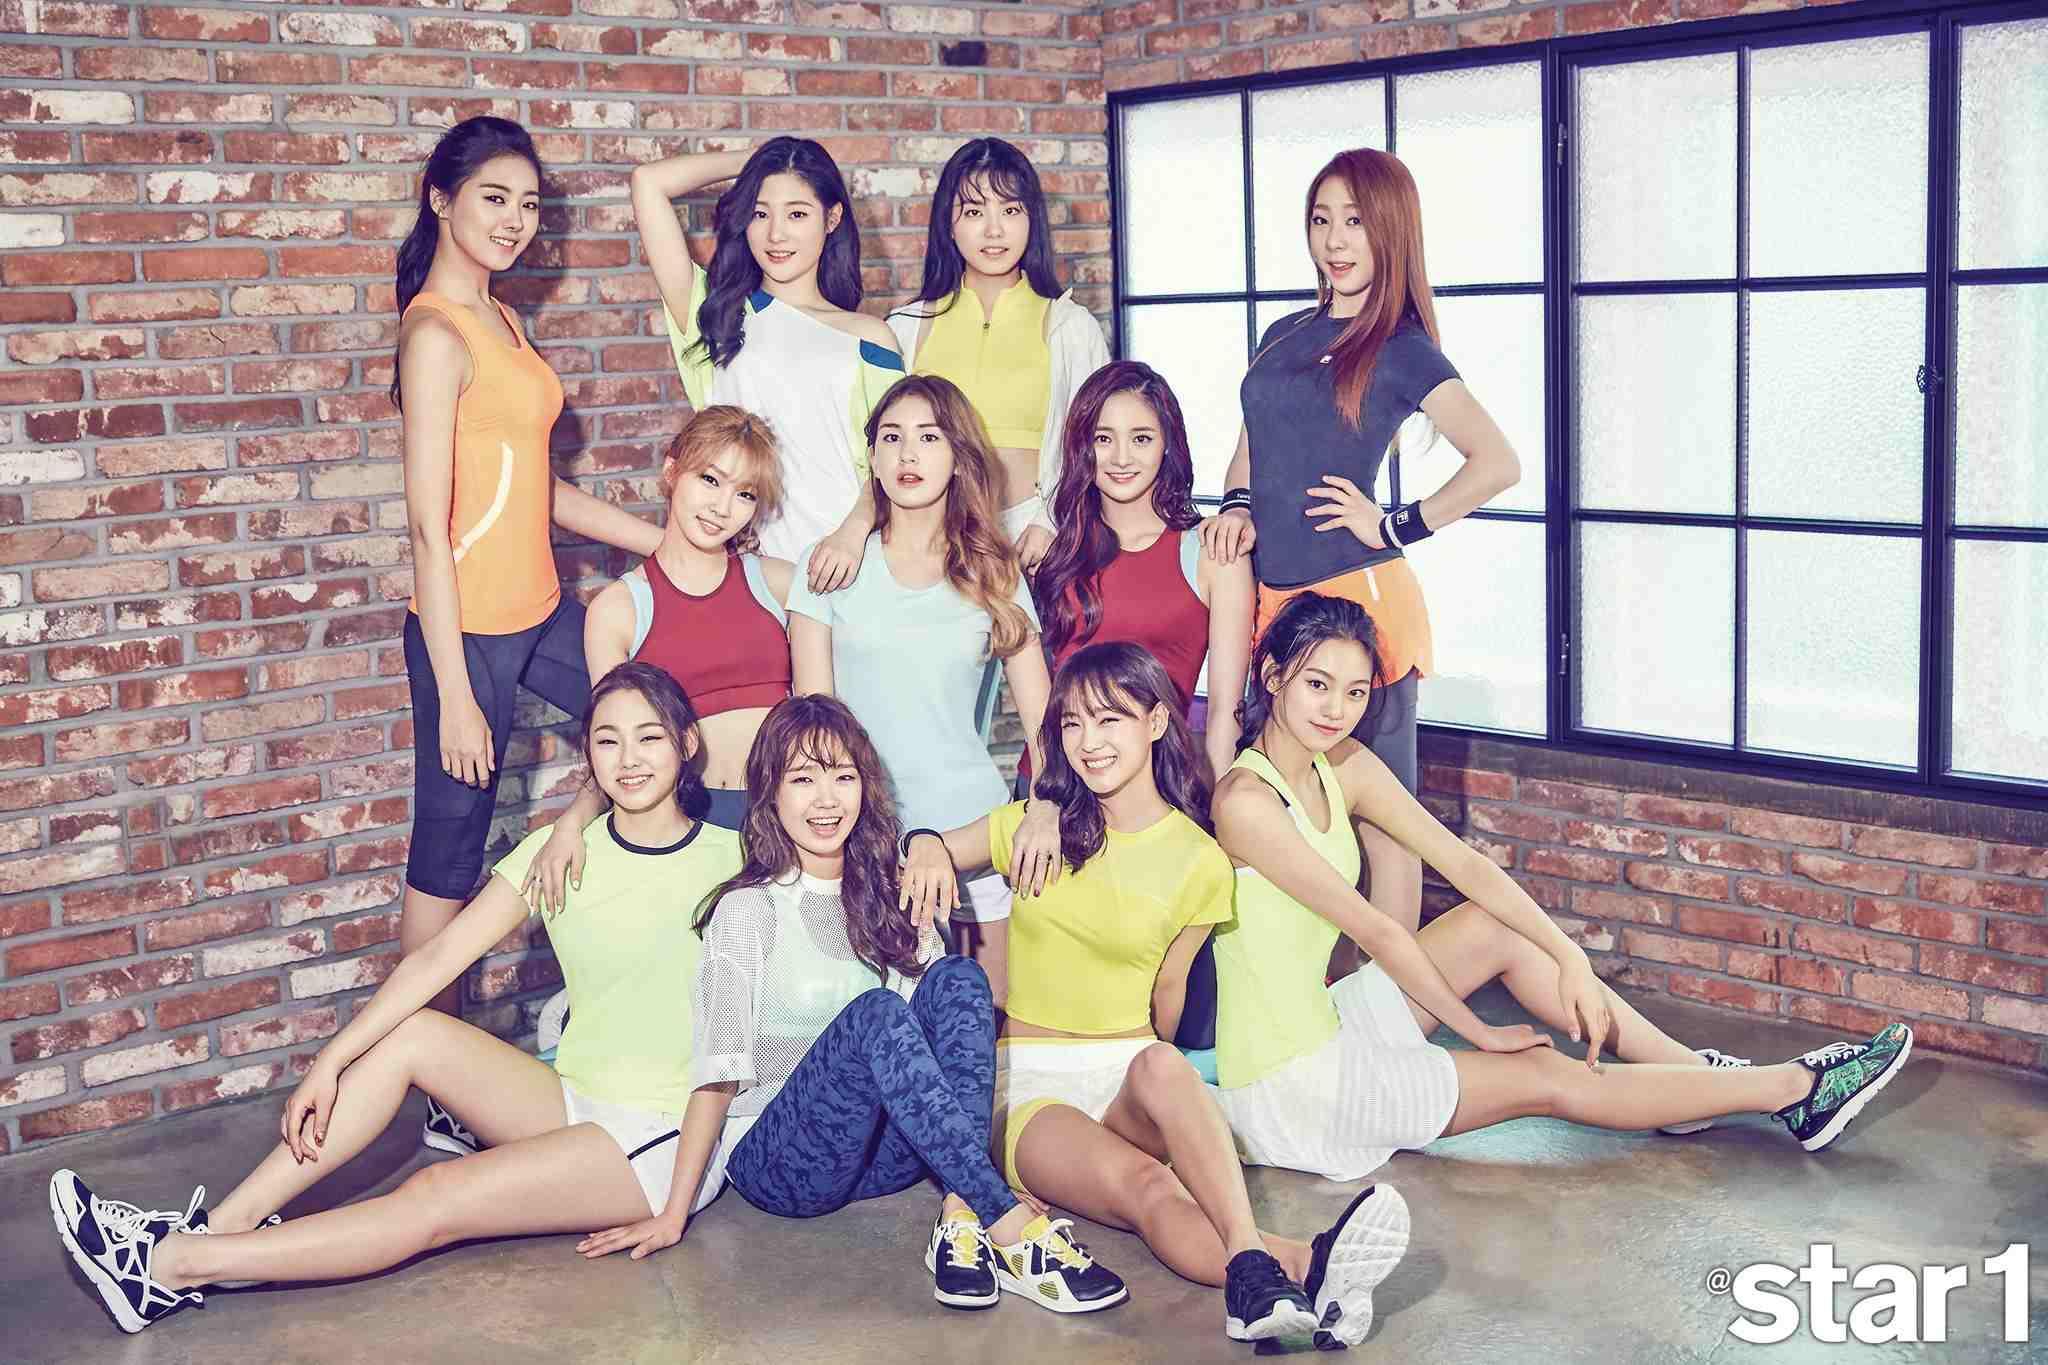 最終在節目的第一季中誕生了I.O.I,而由國民擔任製作人所選出的I.O.I出道後獲得了相當高的關注度,曾被韓國媒體稱為「國民女團」,在短短一年的活動期間得到亮眼的成績,可以說是Mnet非常成功的經驗,而成員們在解散後也都有好的發展,促成了《PRODUCE 101》第二季的誕生